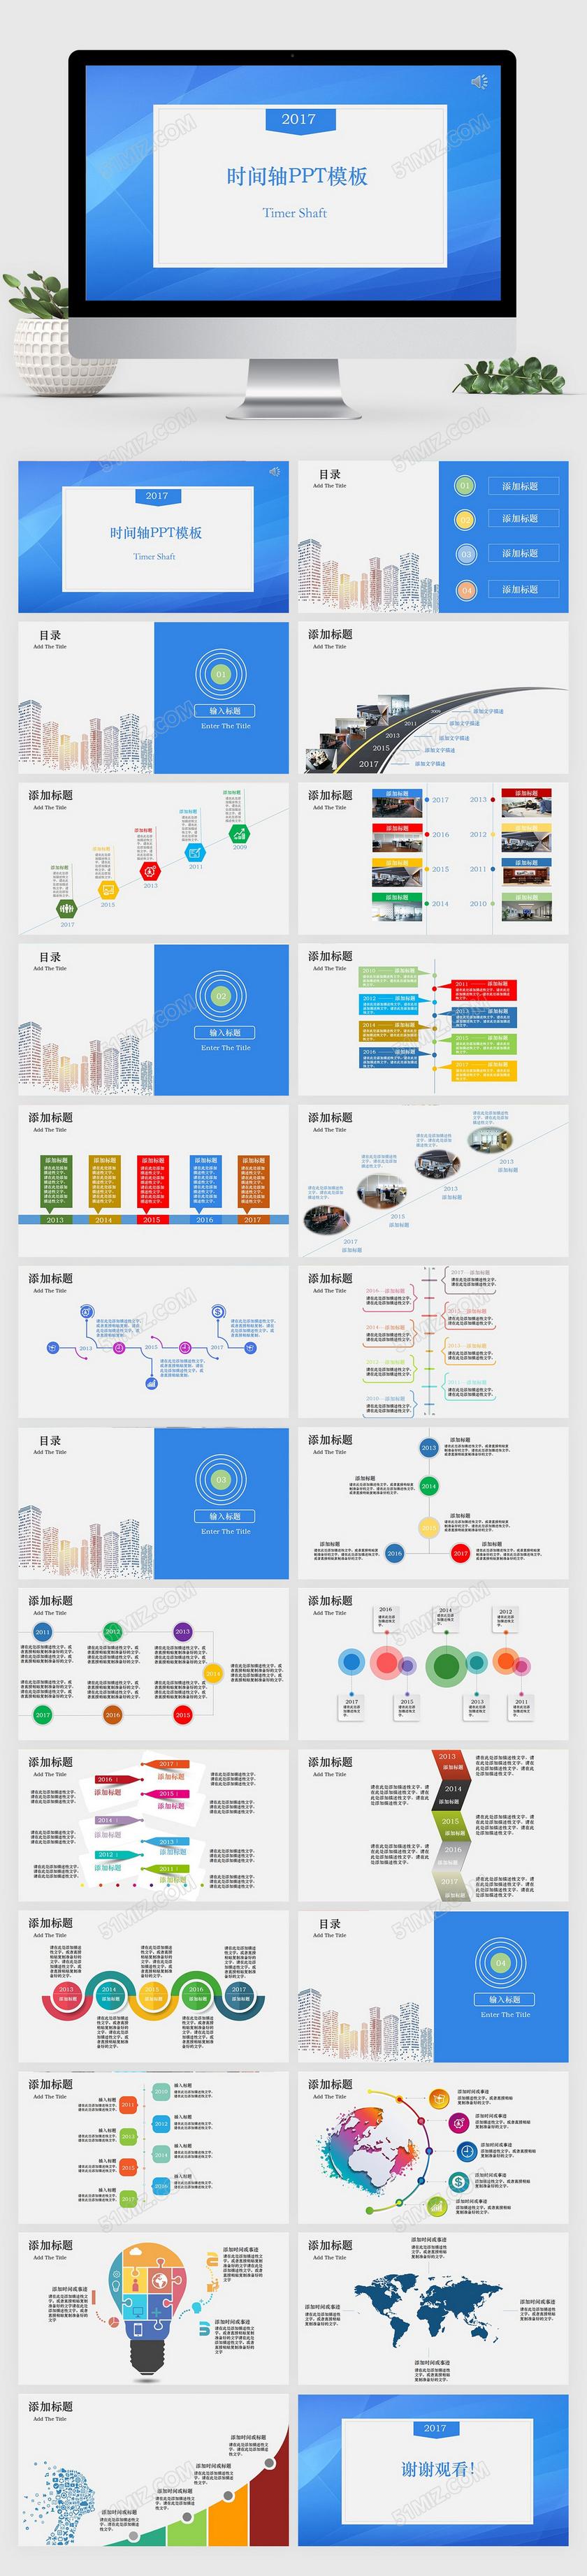 商务蓝色简约2017工作历程时间轴ppt模板